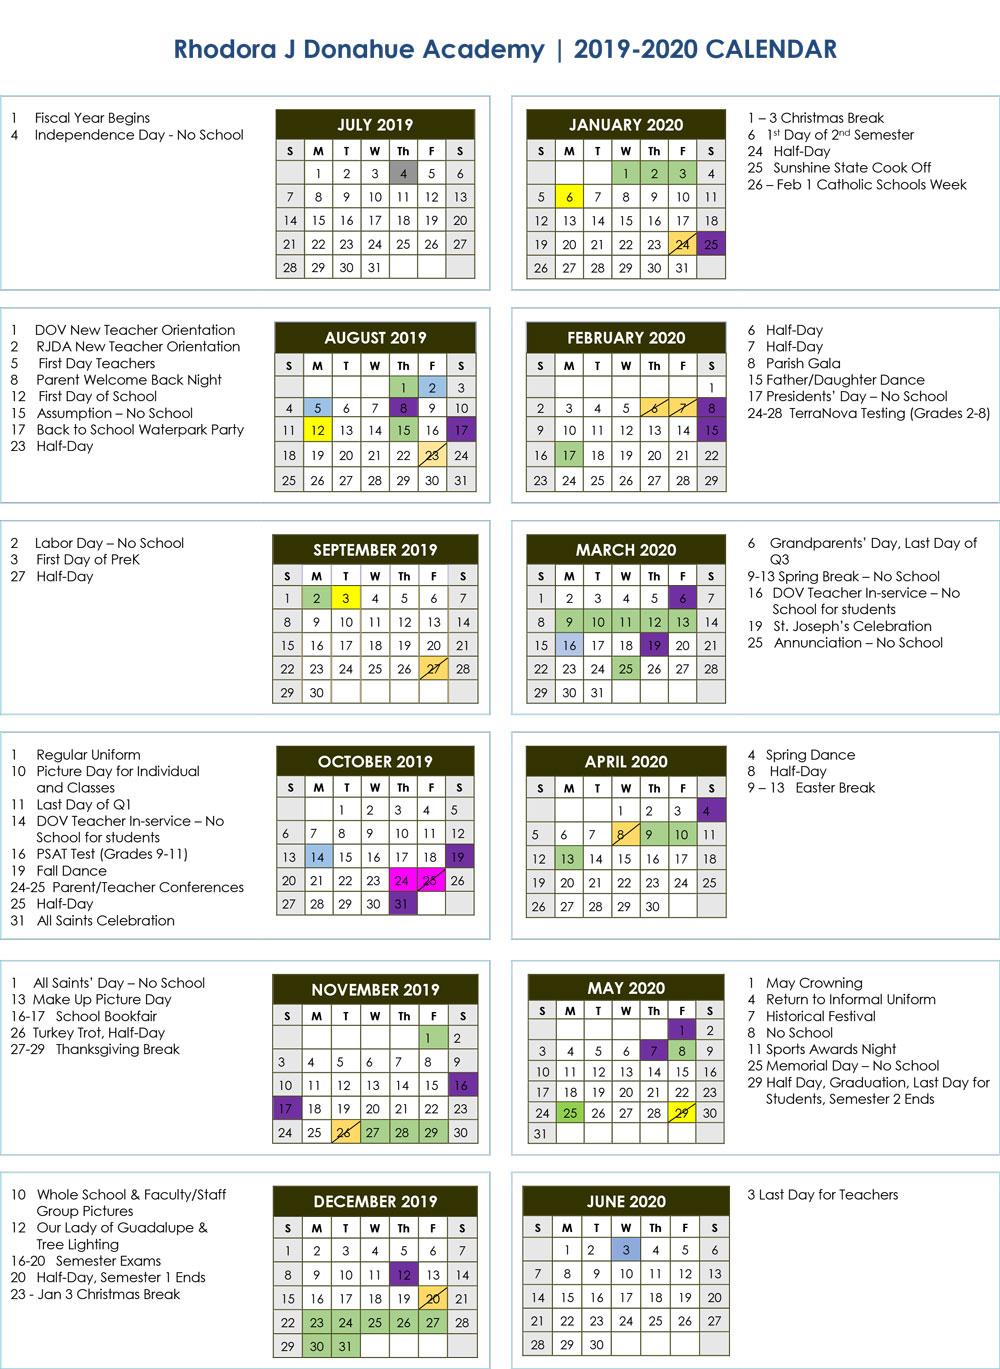 School Calendar 2019 2020 | Donahue Academy With Regard To Calendar For Naples Florida